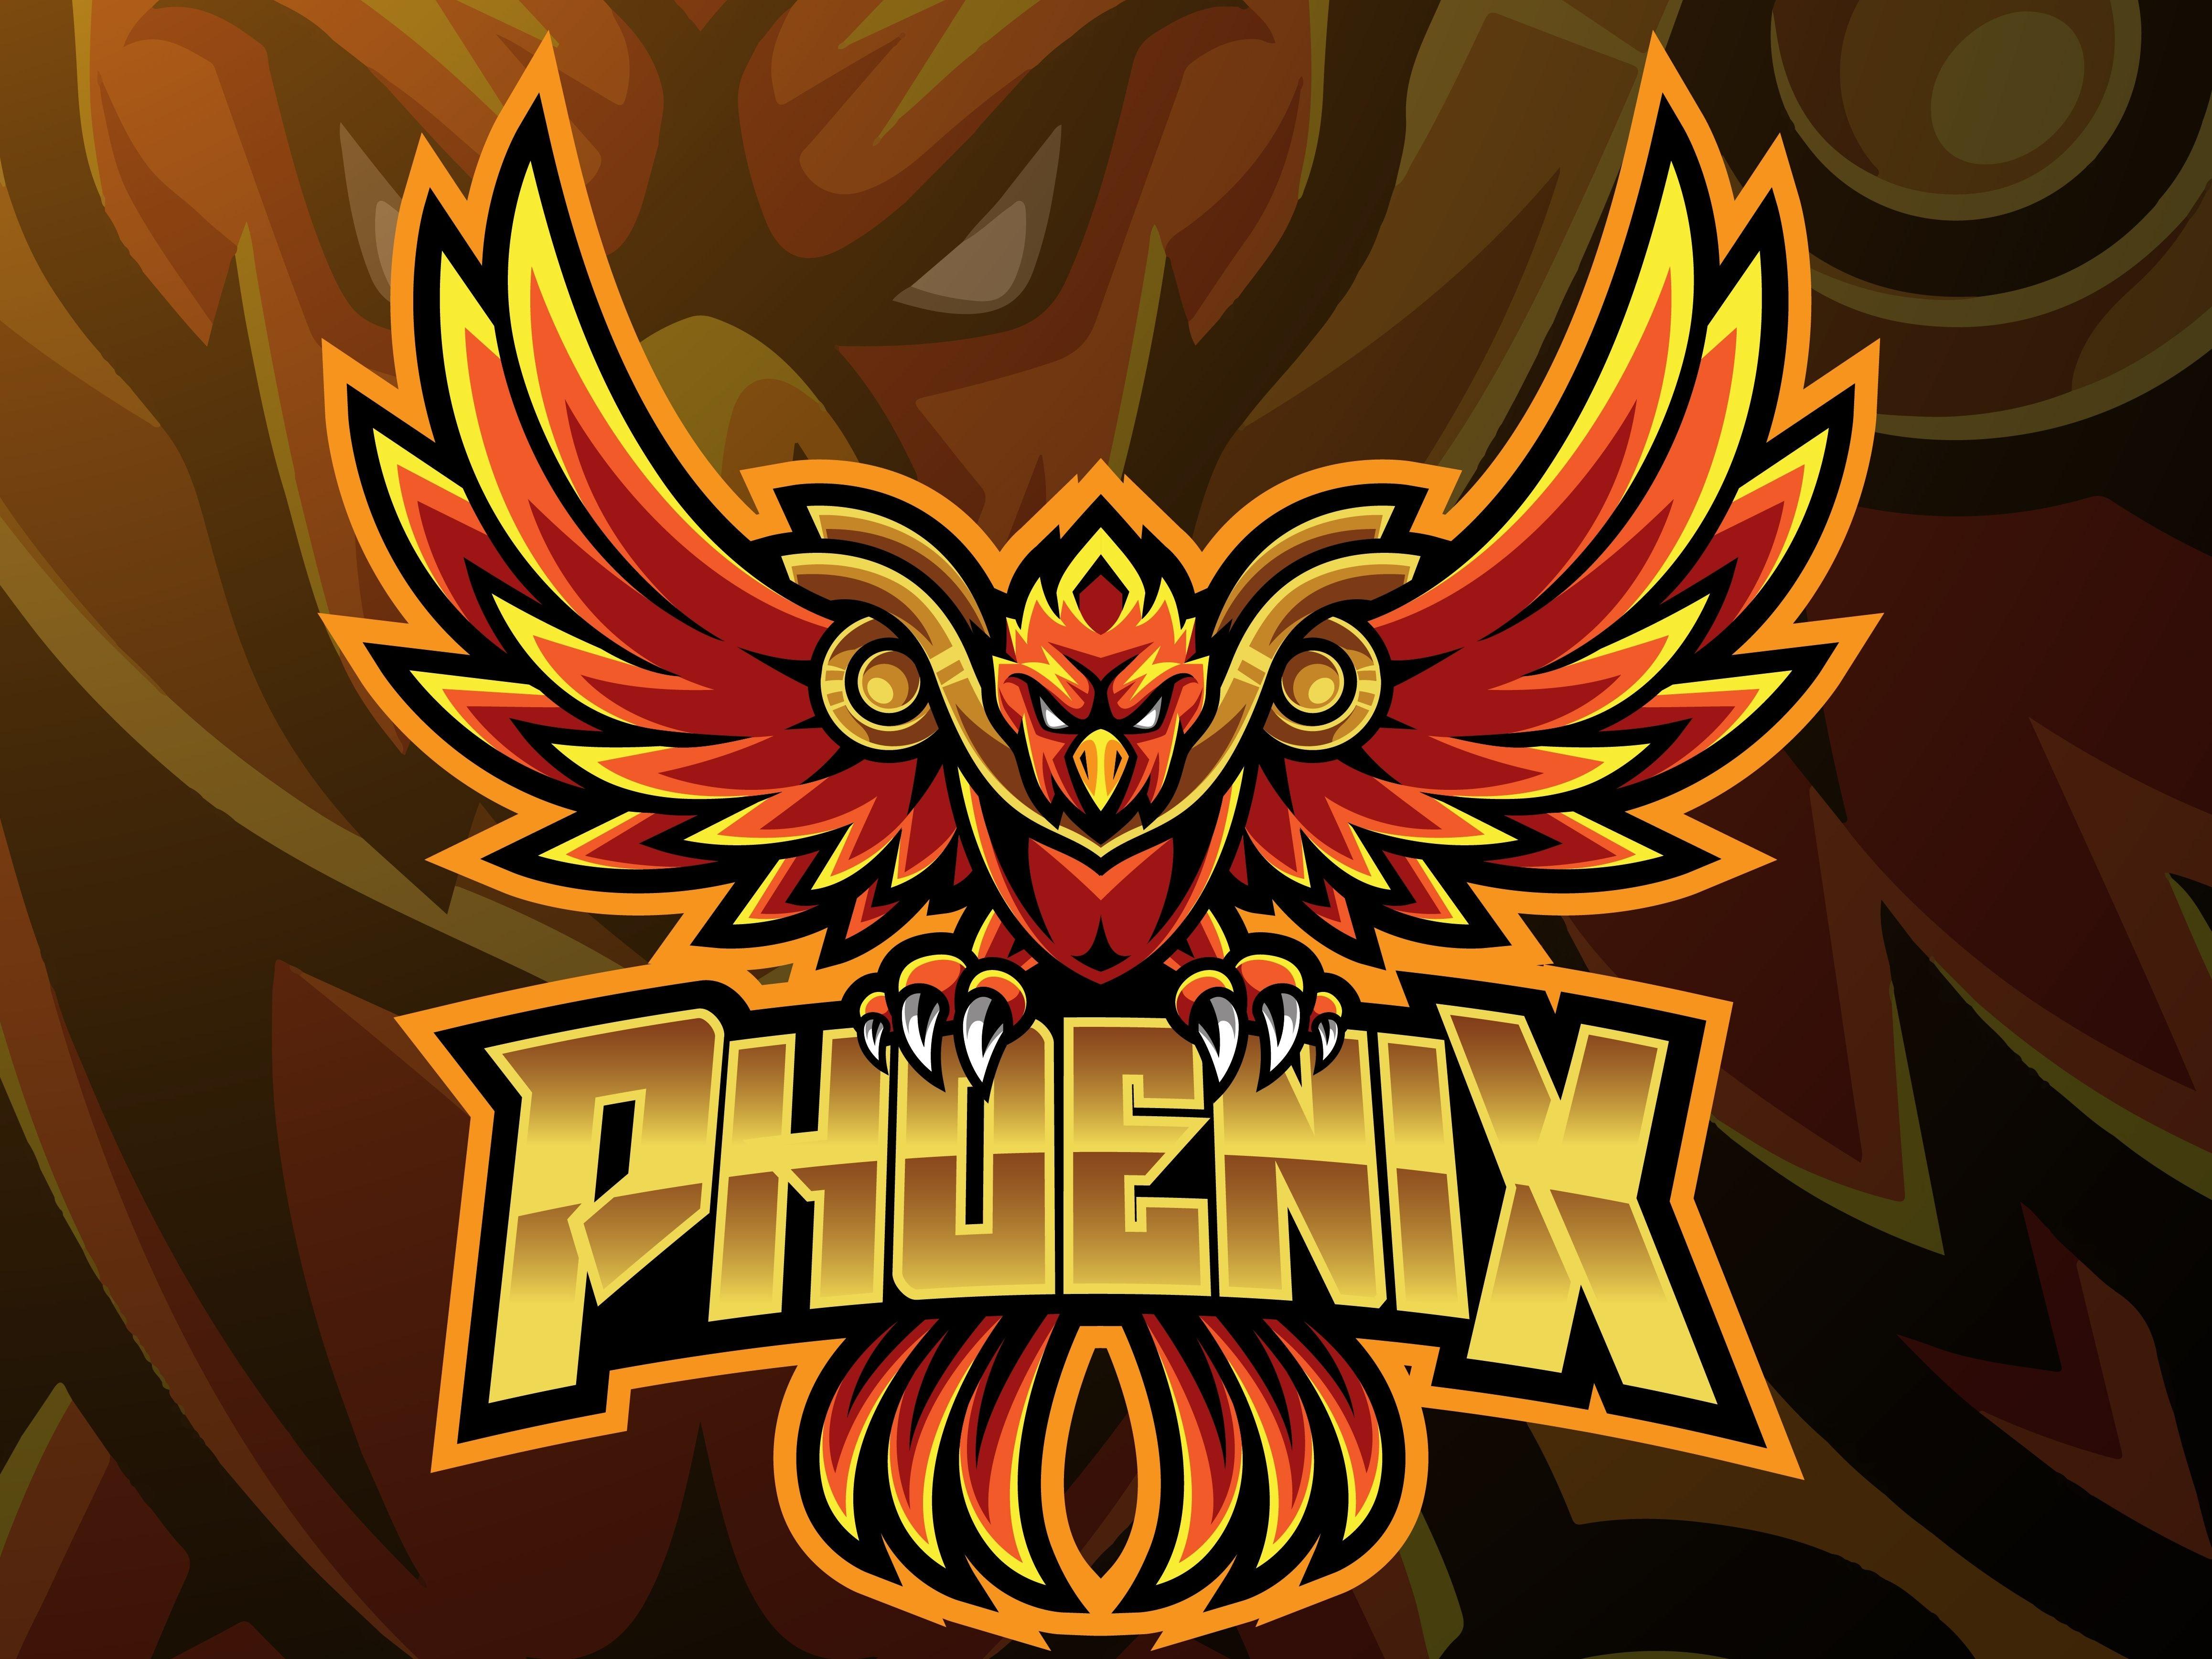 Phoenix sport mascot logo design Gambar naga, Logo keren